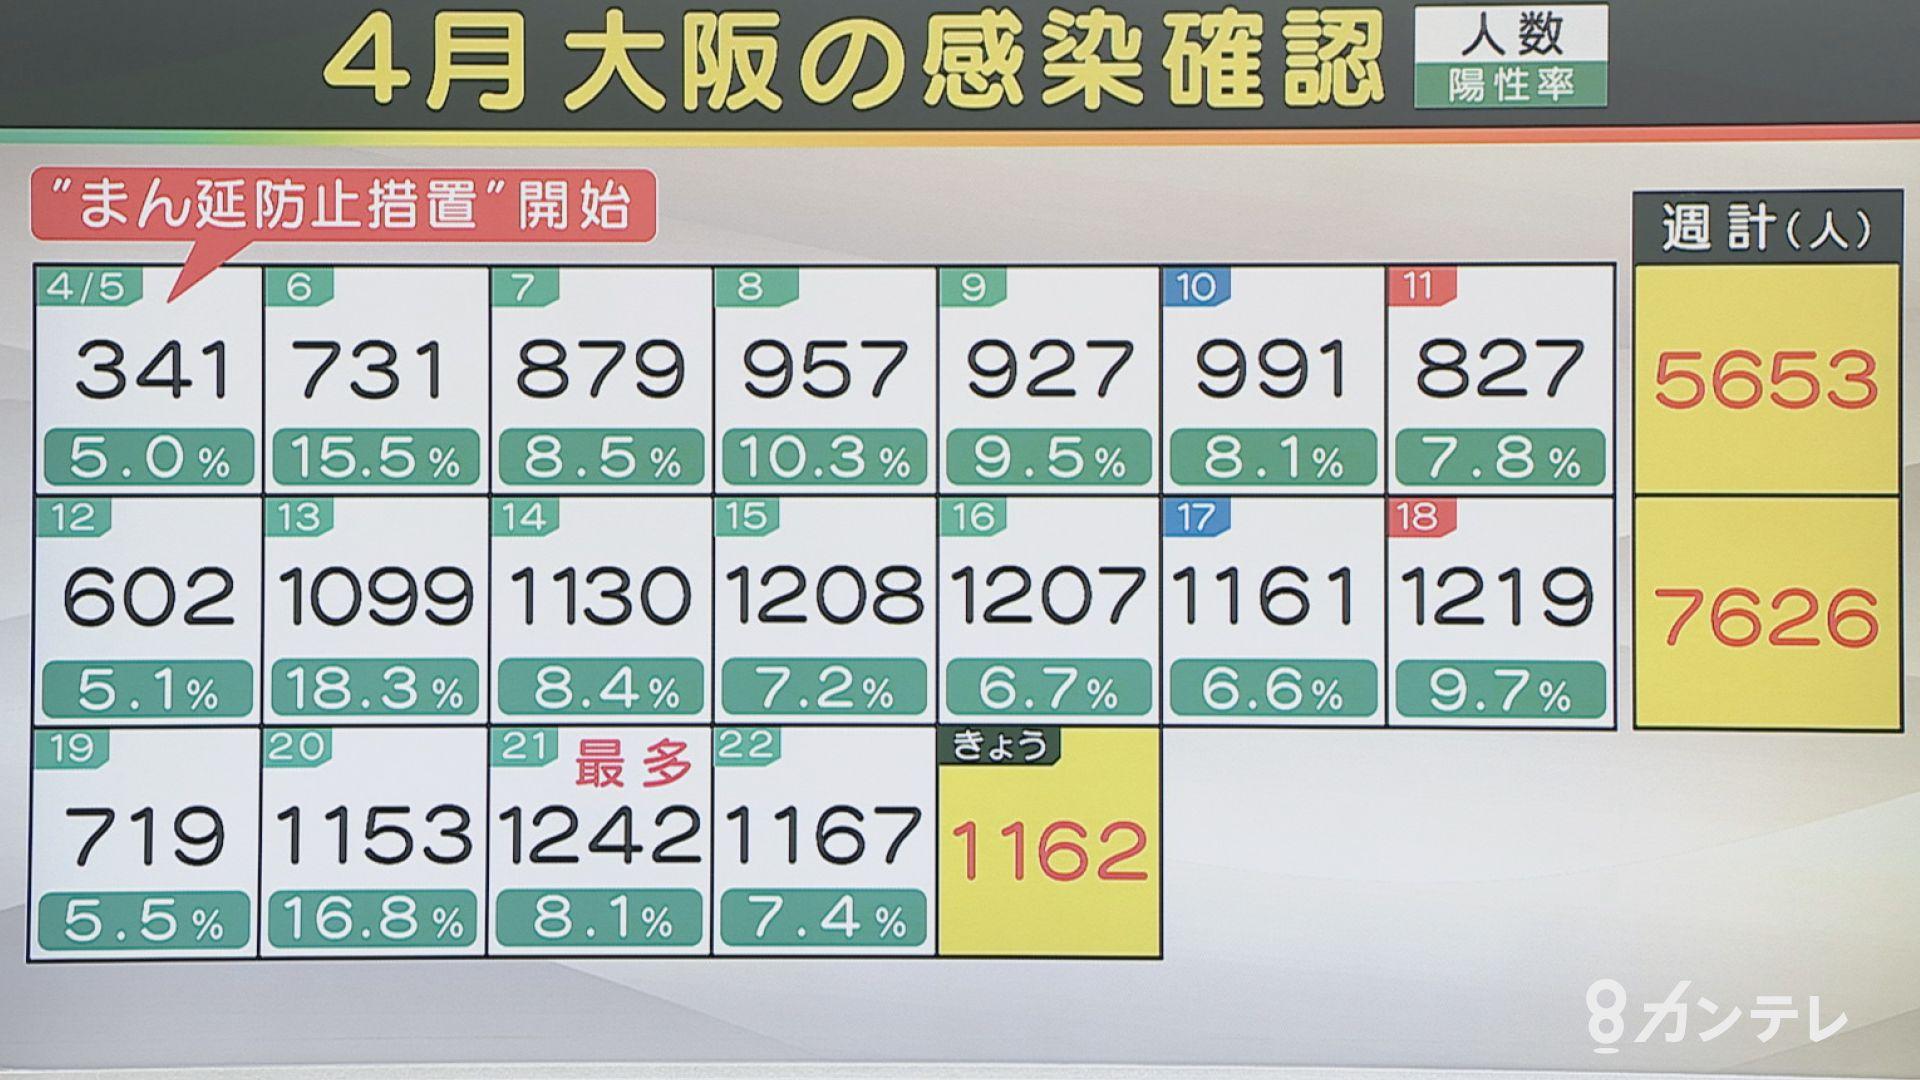 【速報】大阪で新たに1162人の感染確認 過去6番目の多さ 前週金曜を下回る 死亡15人